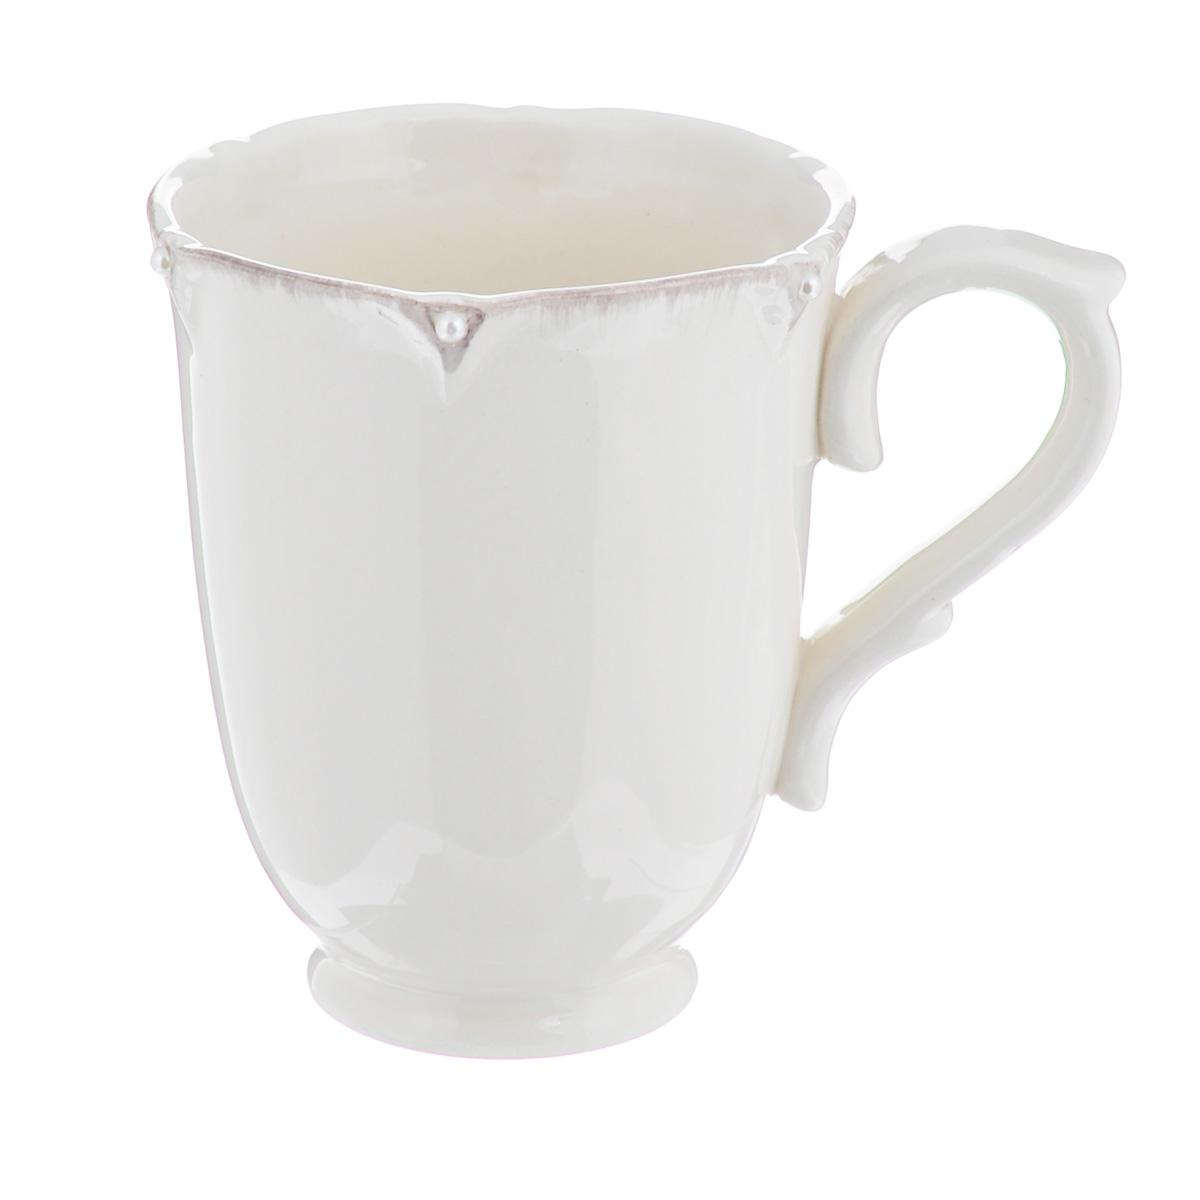 Кружка Lillo Ideal, 350 мл214950Кружка Lillo Ideal выполнена из высококачественной керамики. Края кружки рельефные и декорированы искусственным жемчугом. Такая кружка порадует вас дизайном и функциональностью, а пить чай или кофе из нее станет еще приятнее. Остерегайтесь сильных ударов. Не применять абразивные чистящие средства. Объем: 350 мл. Диаметр кружки по верхнему краю: 9 см. Высота кружки: 11 см.